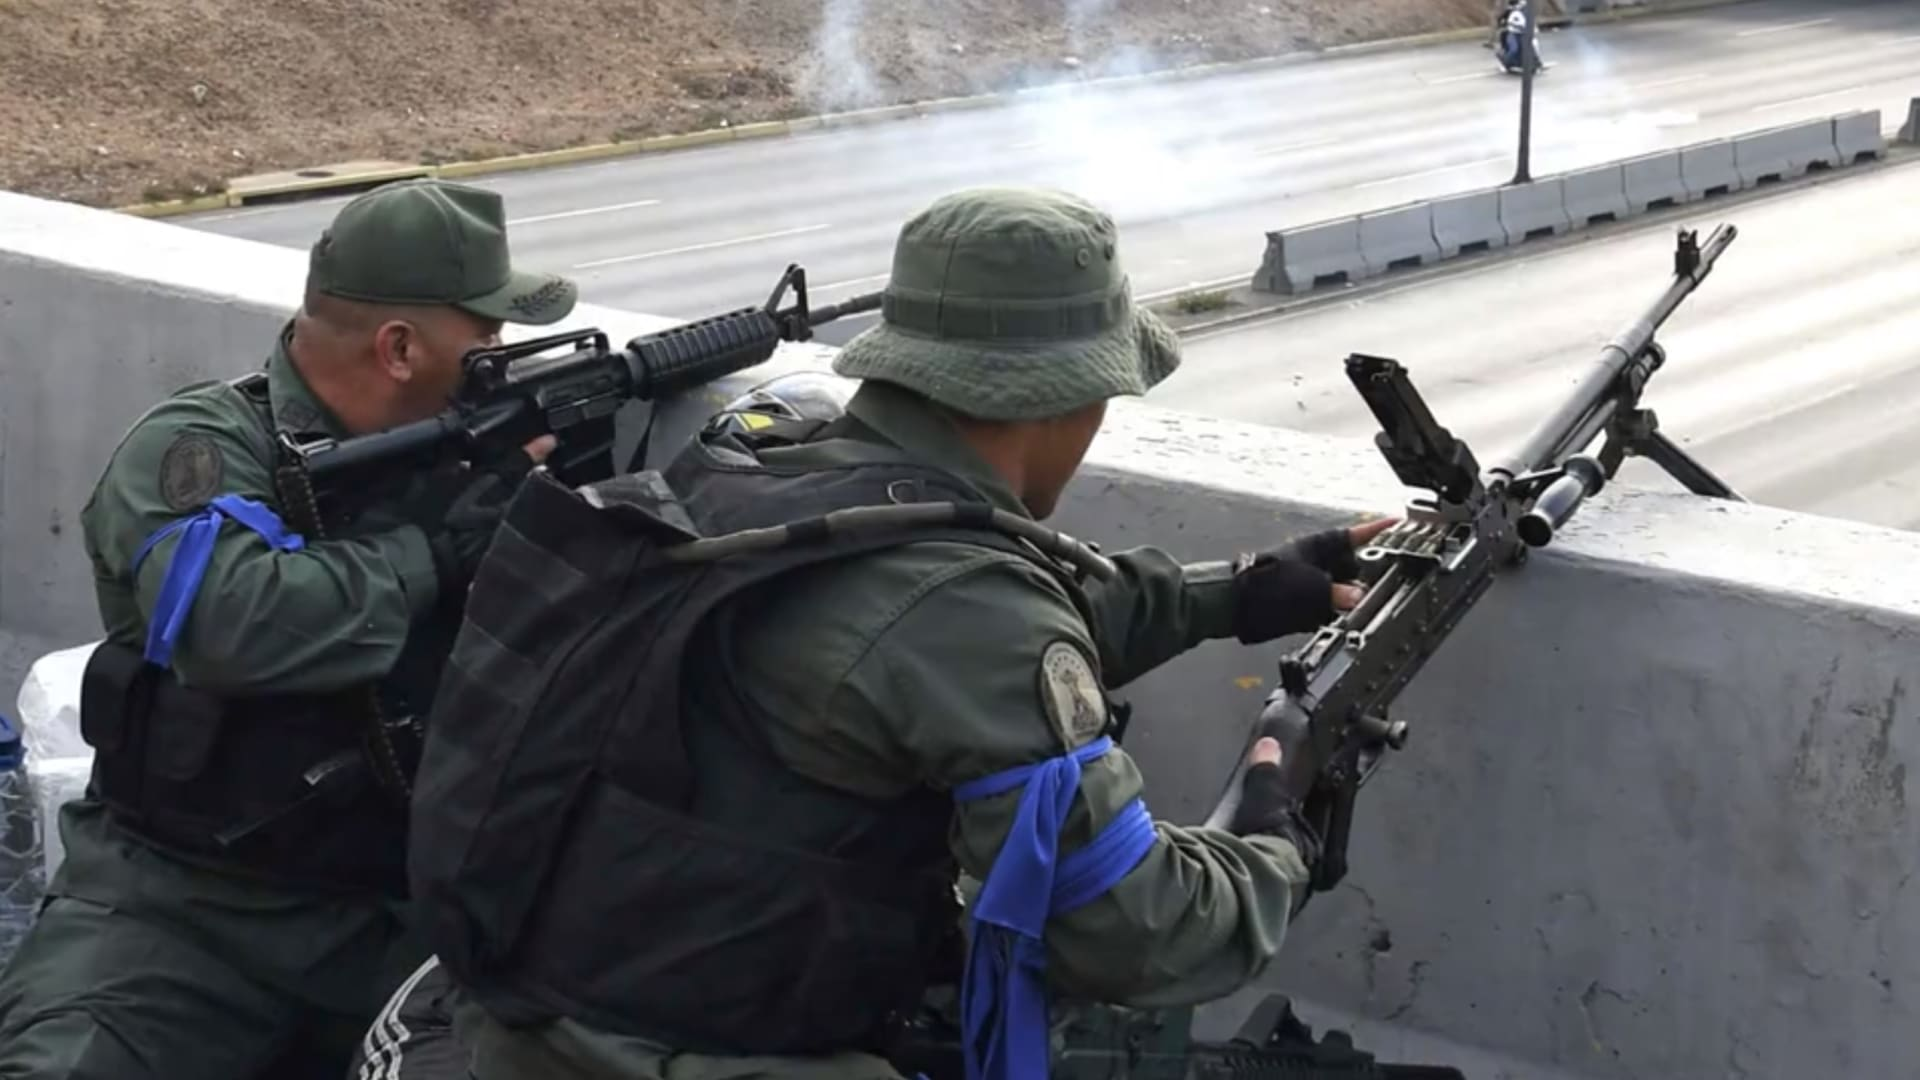 اشتباكات عنيفة مع الجيش في شوارع كاراكاس